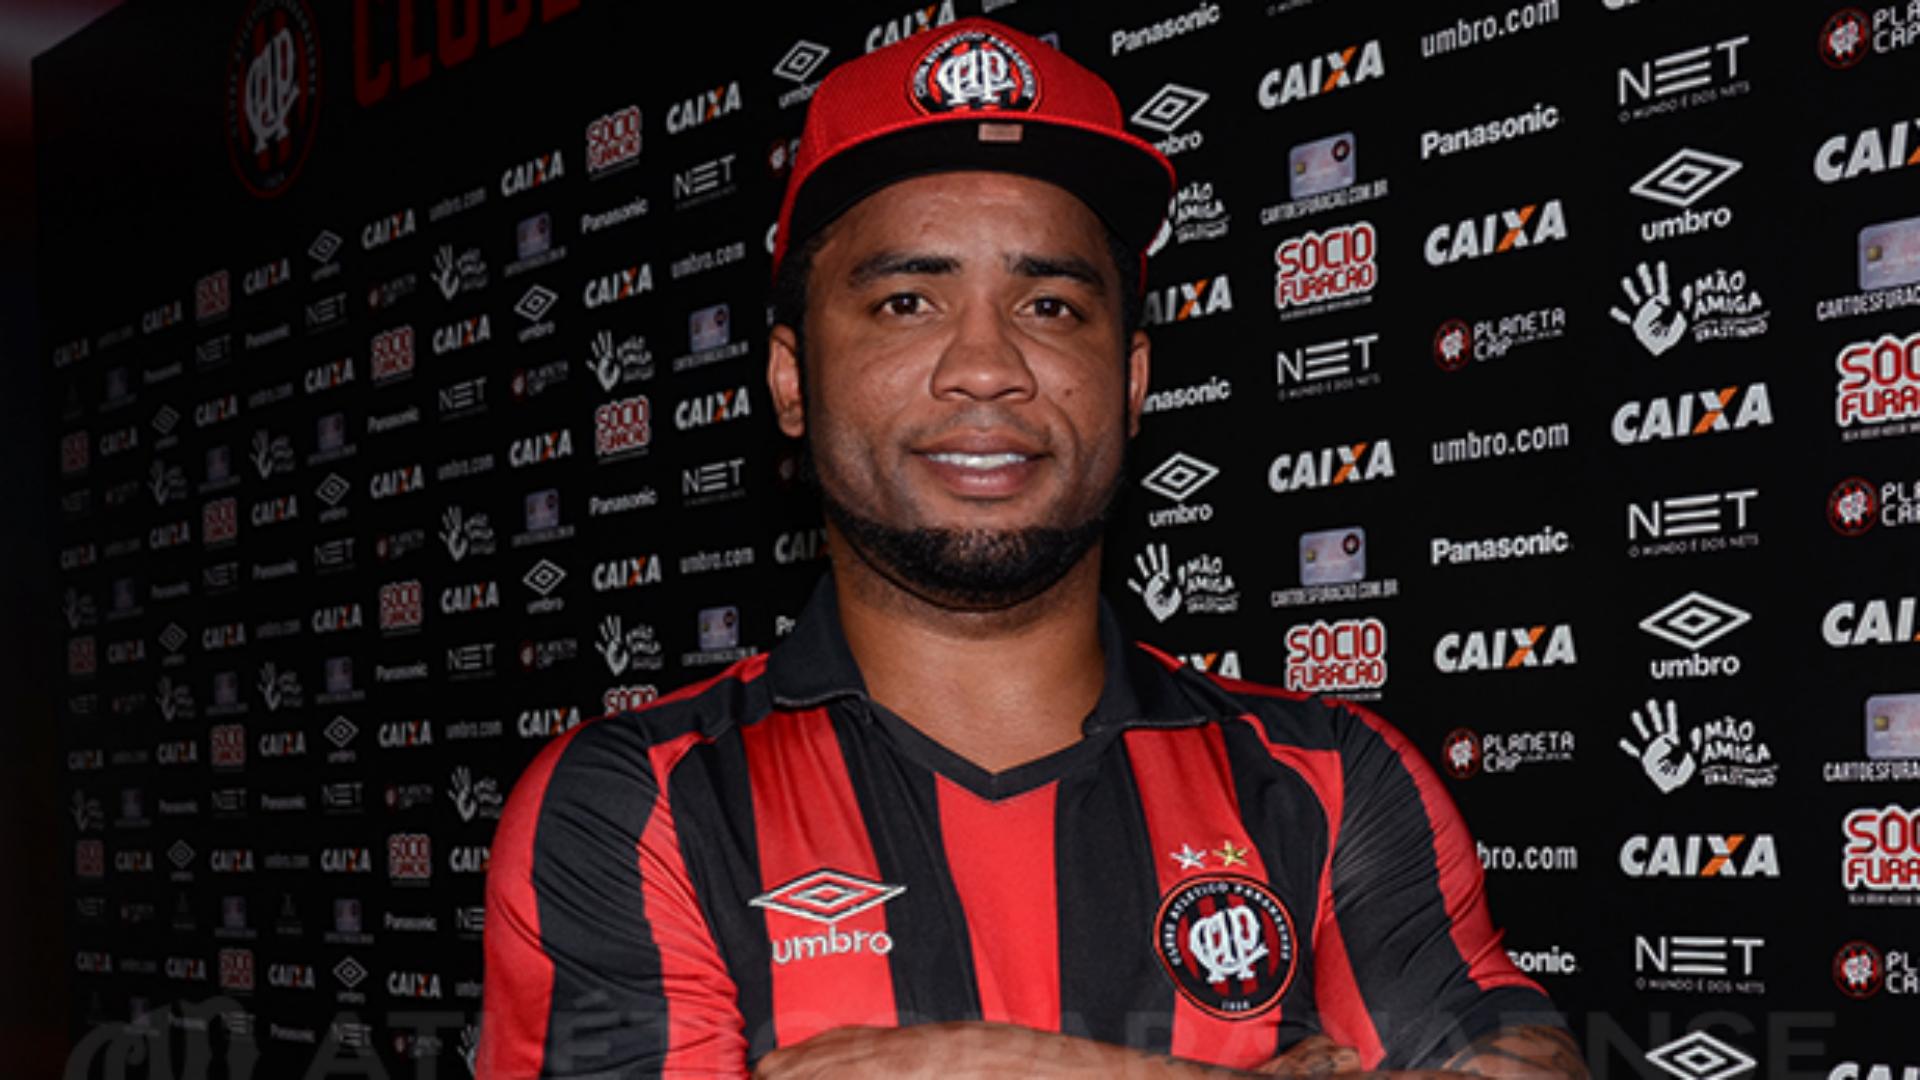 Carlos Alberto (ex-FC Porto) pede rescisão com o Atlético PR — Brasil